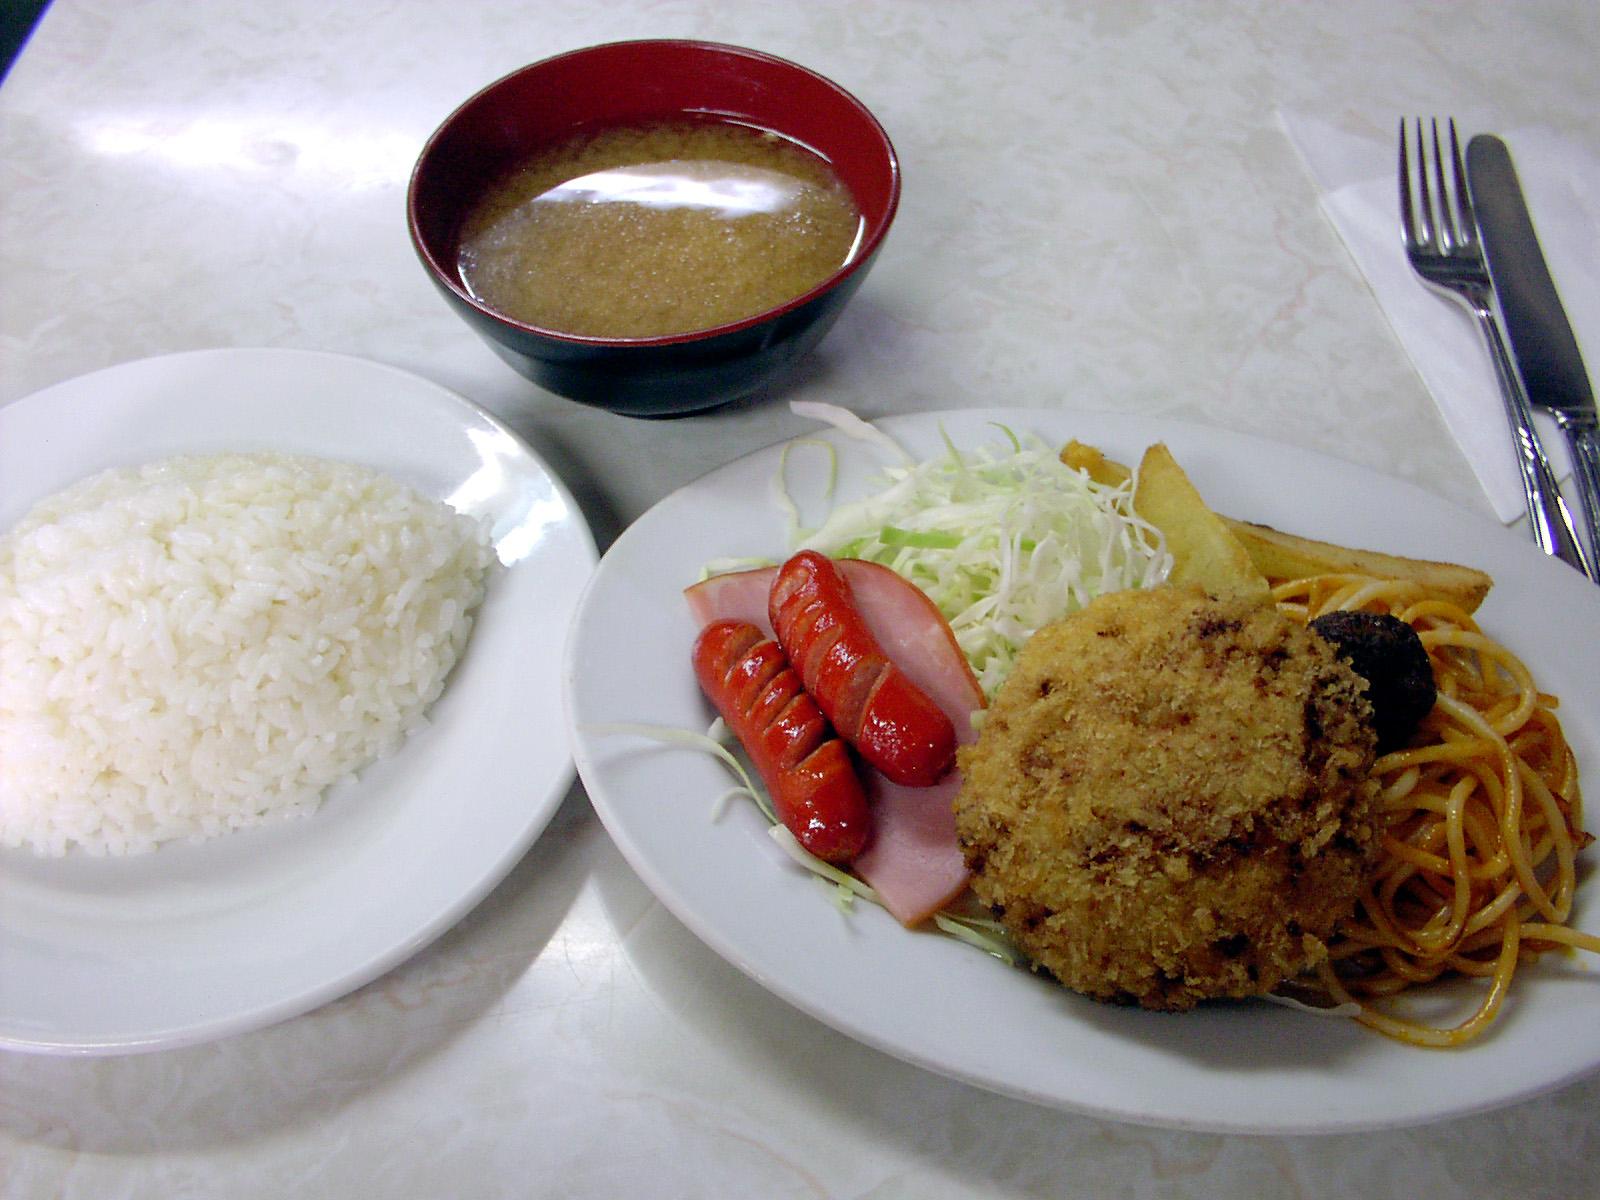 111_4 レストラン・ボンマルシェ 新宿区西早稲田1-8-21(2002_0902_133321AA)